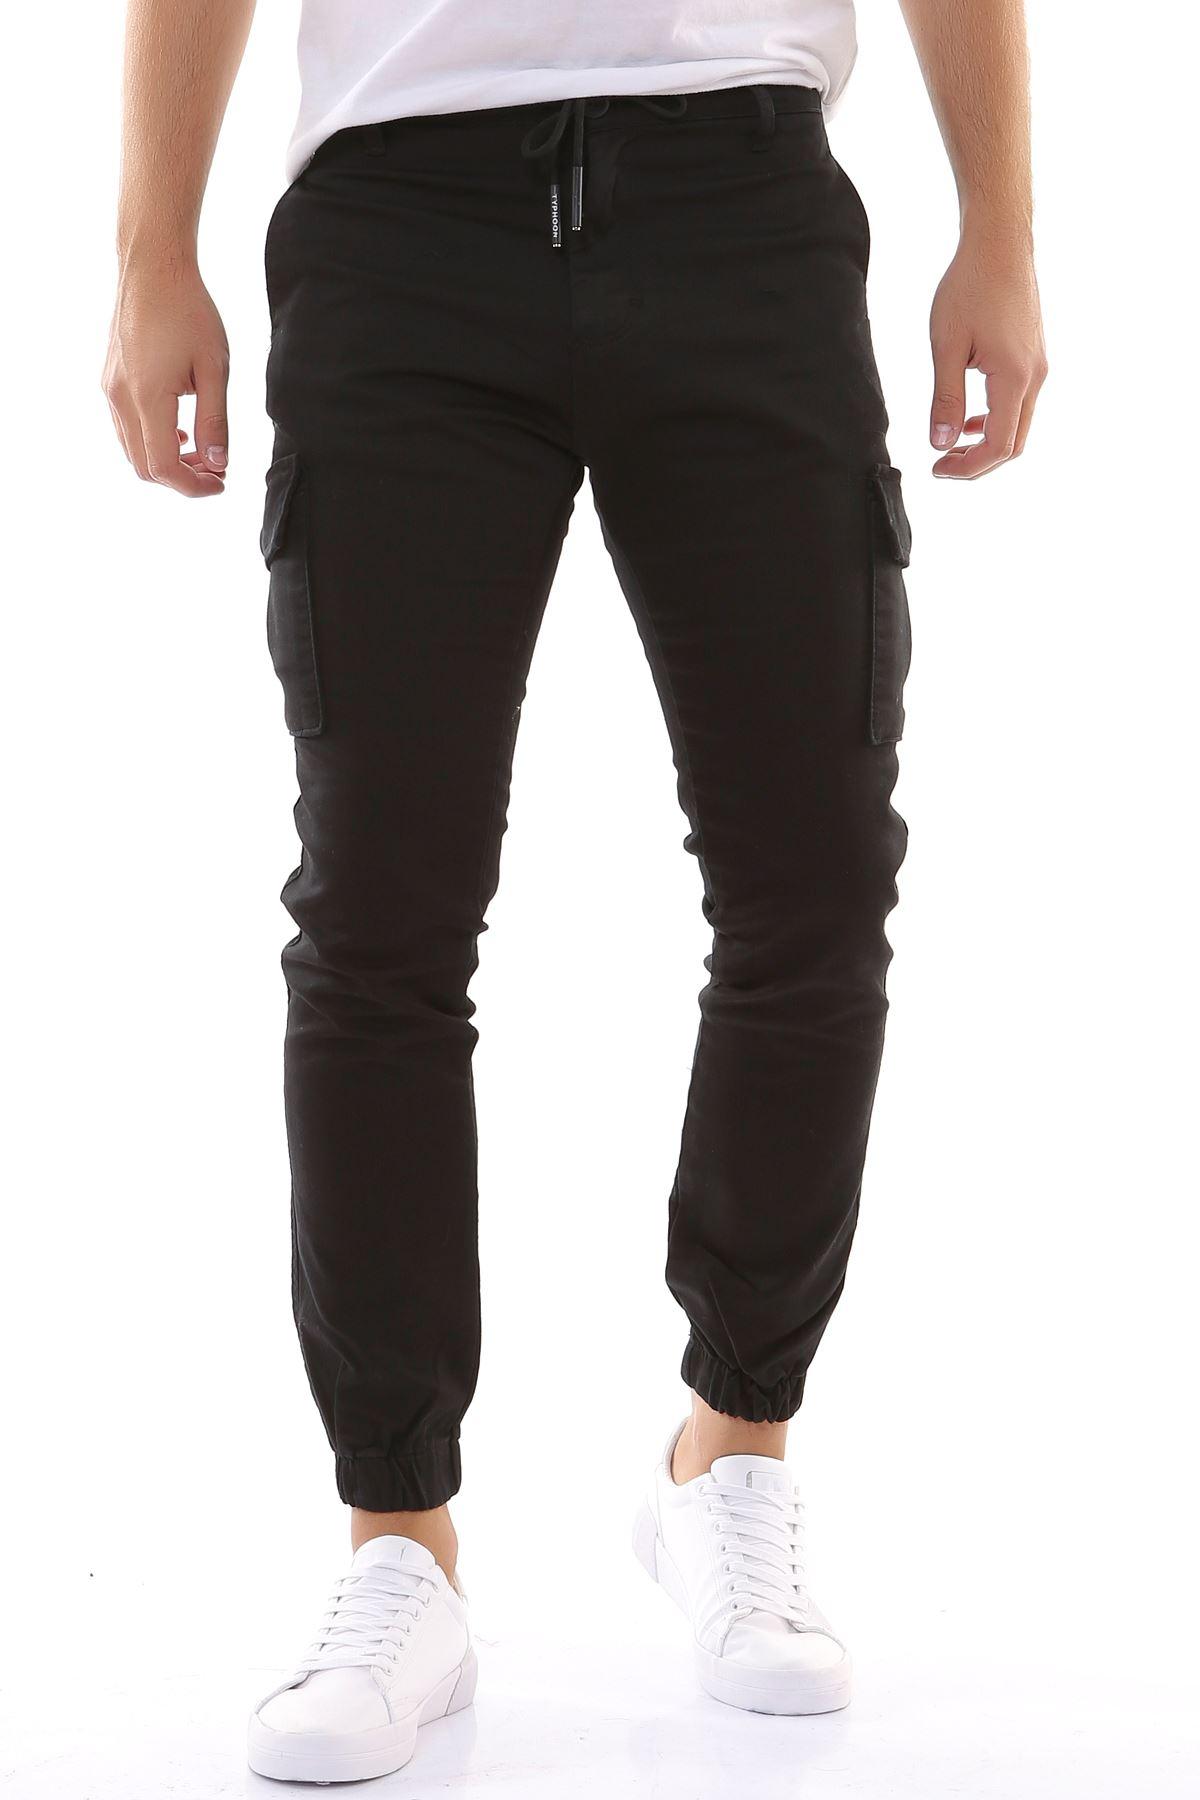 Beli İpli Paçası Lastikli Likralı Keten Kargo Siyah Pantolon